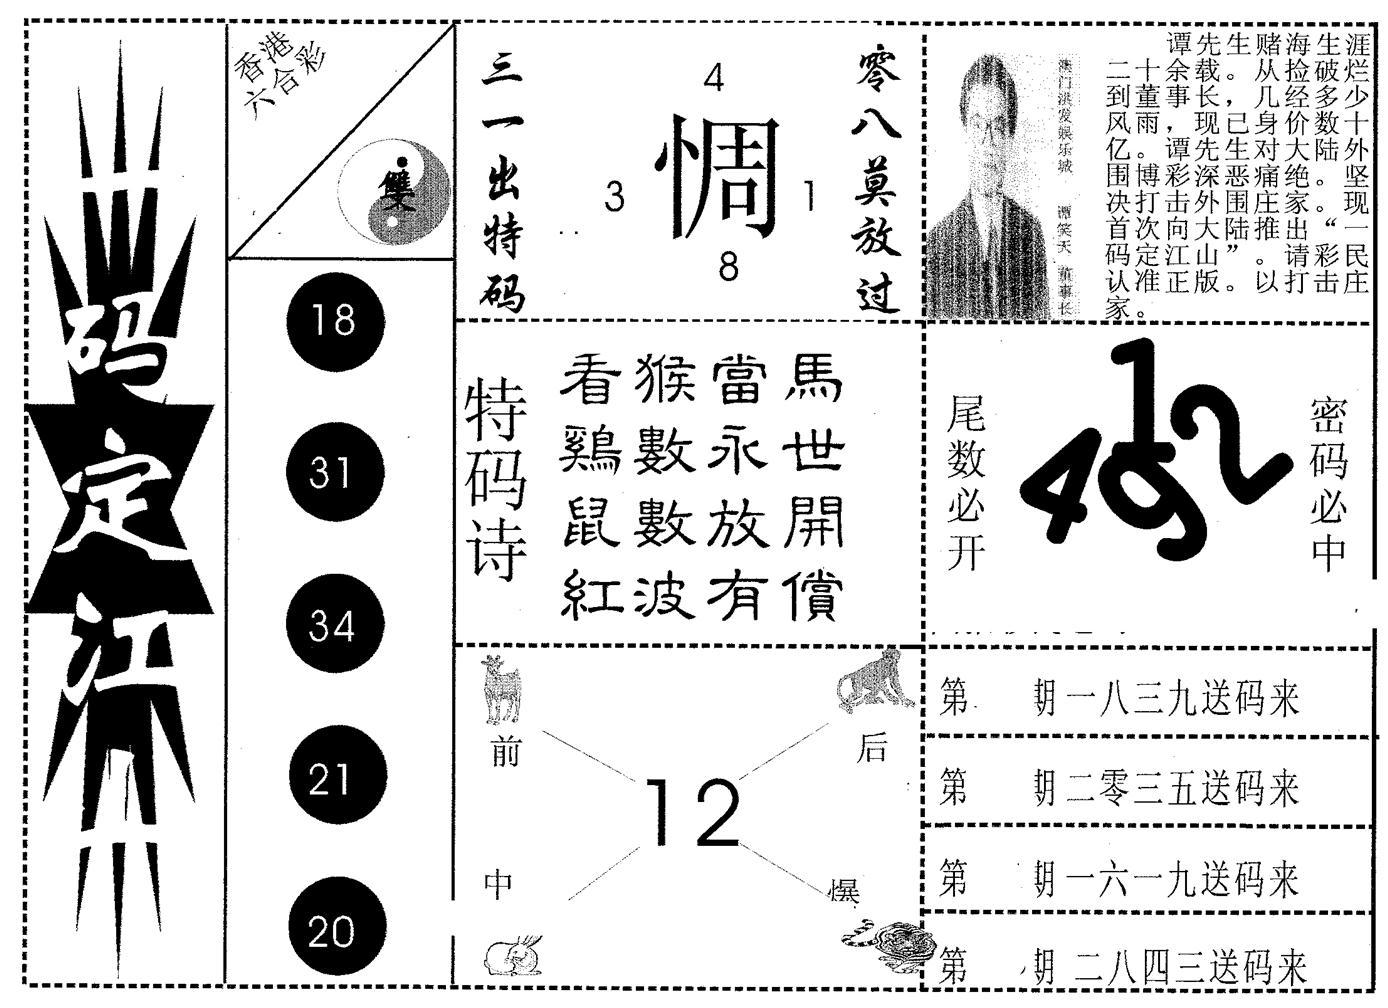 067期一码定江山(黑白)